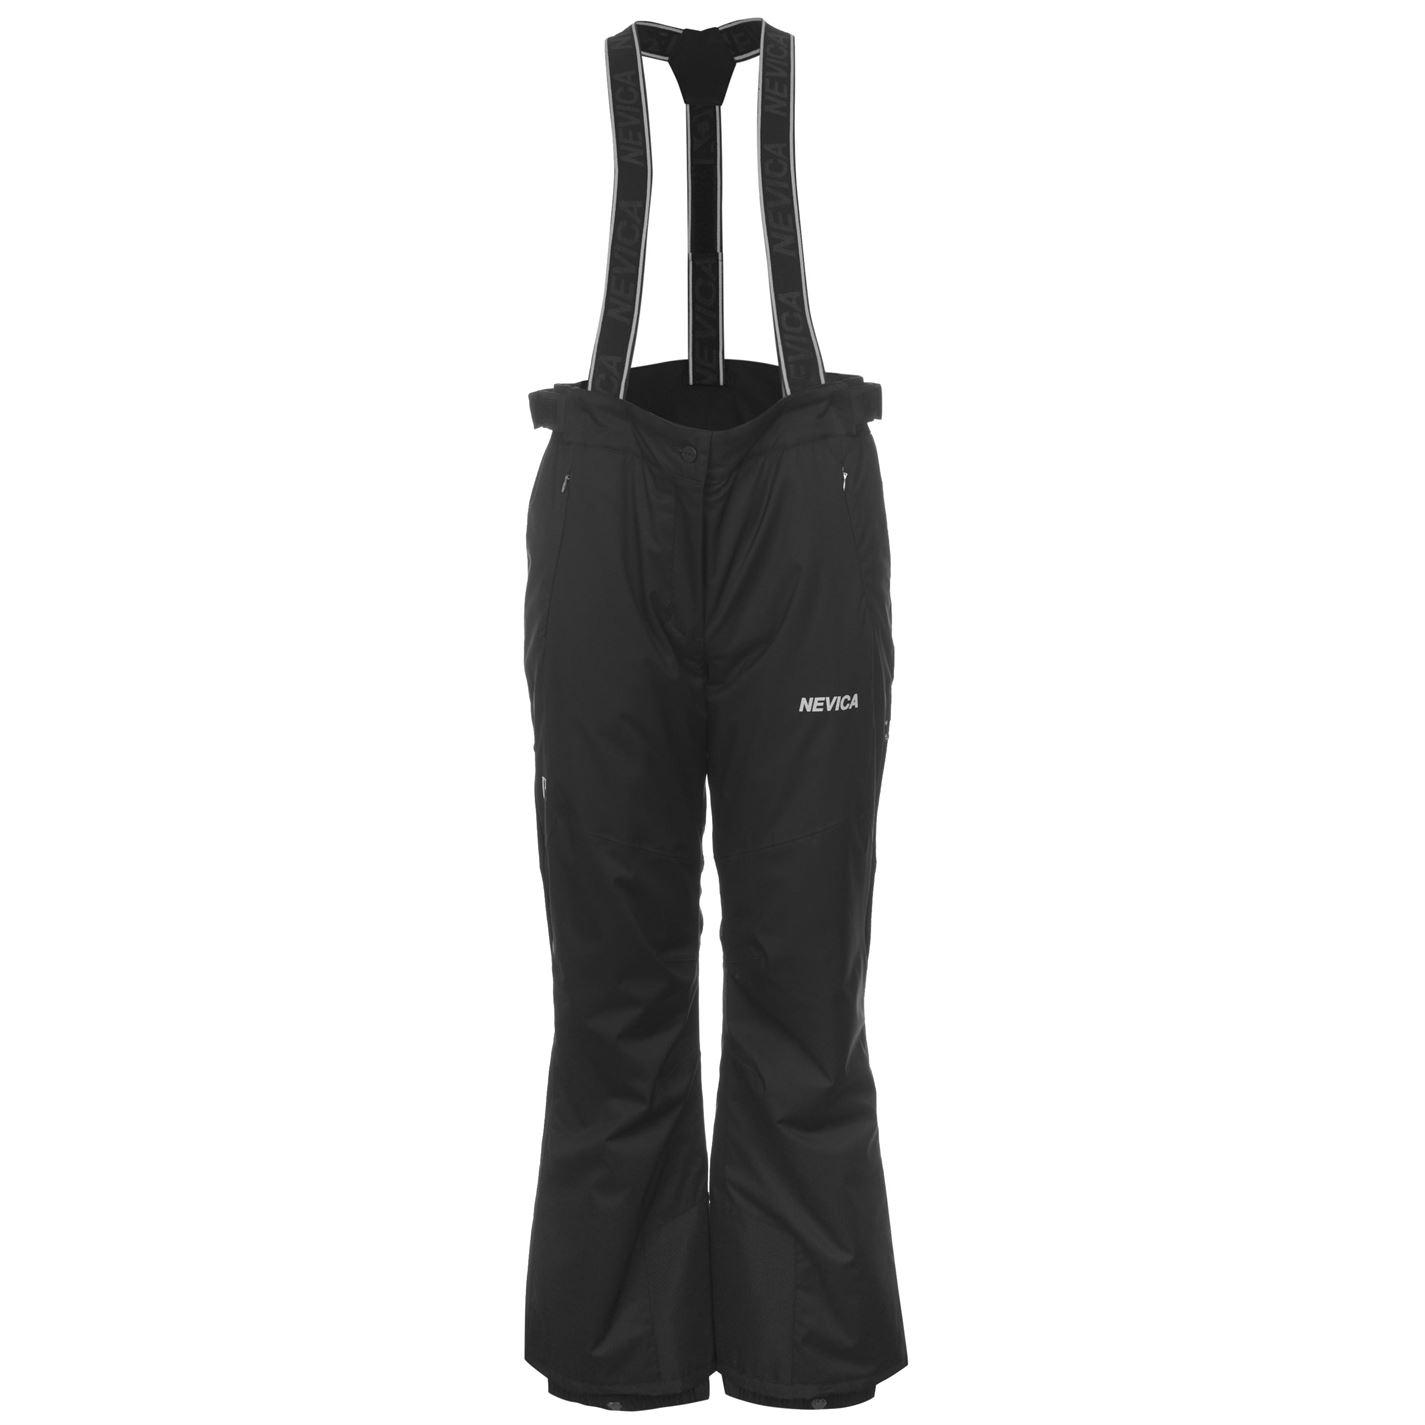 Nevica Vail Ski Pants dámské